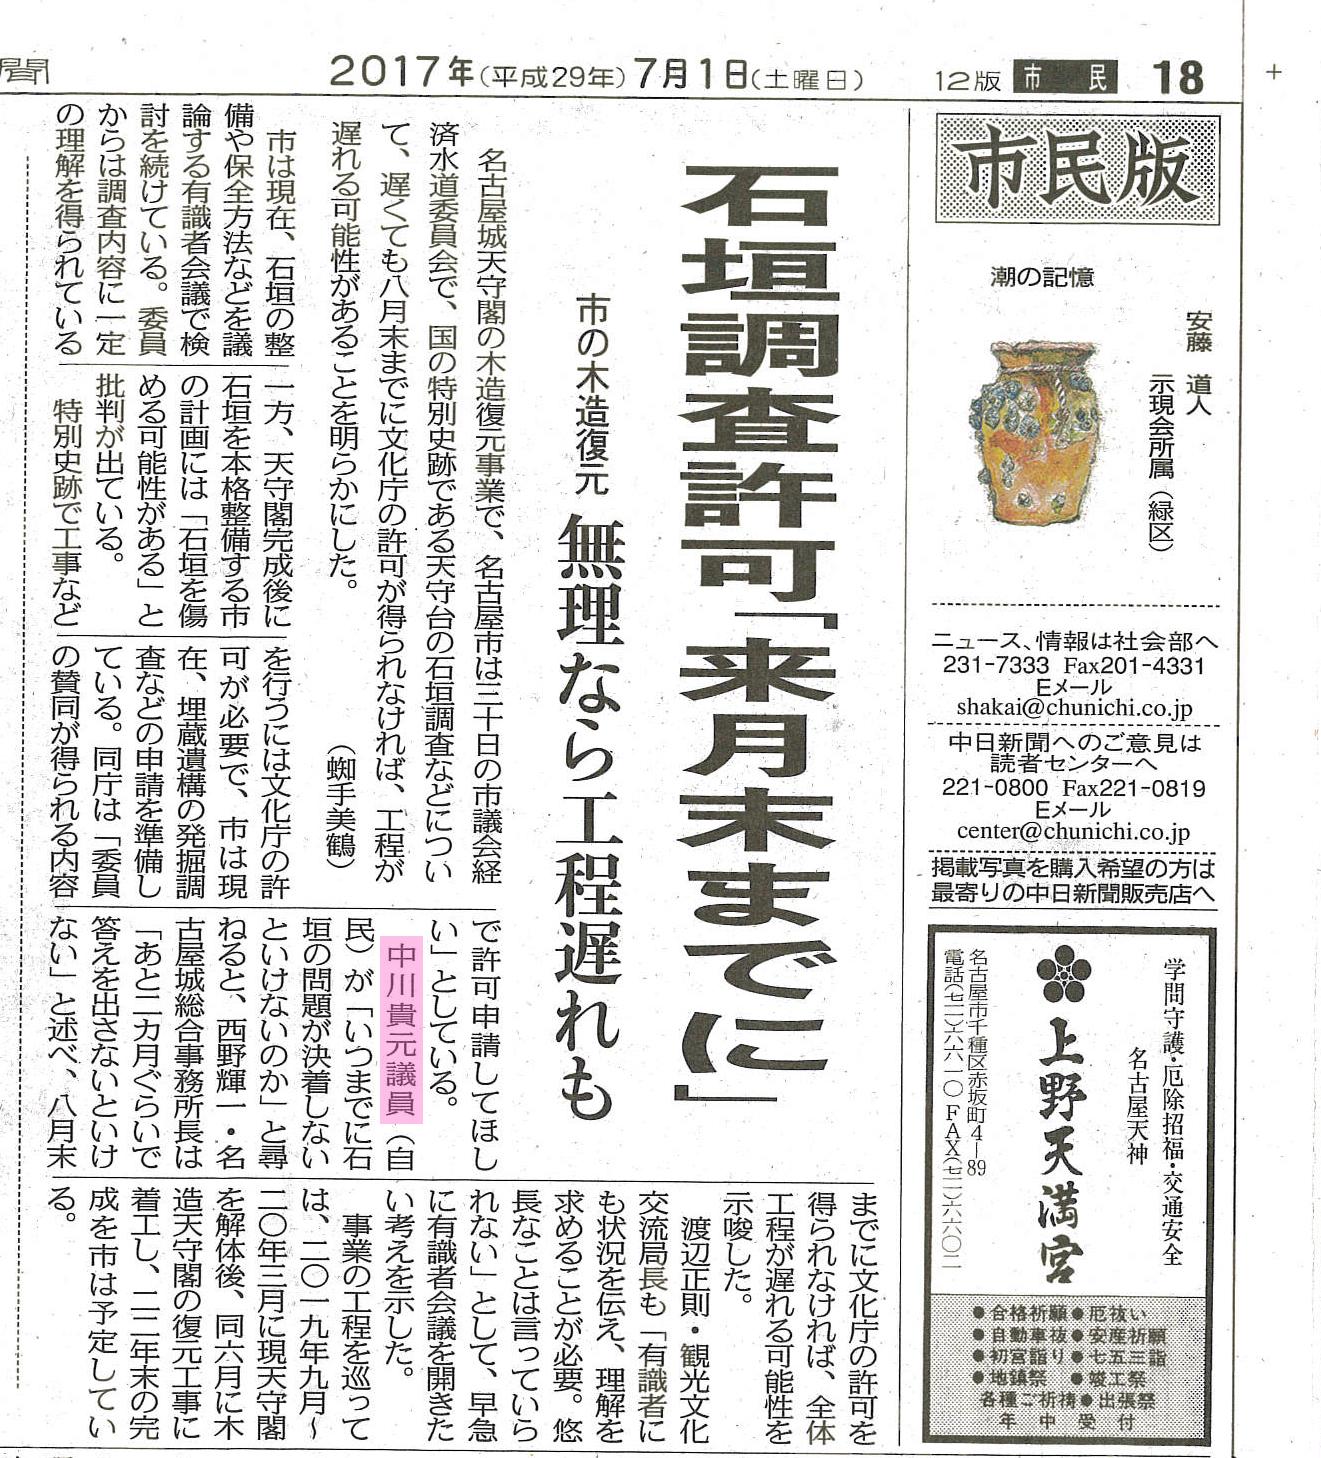 中日新聞(木造復元石垣調査許可)